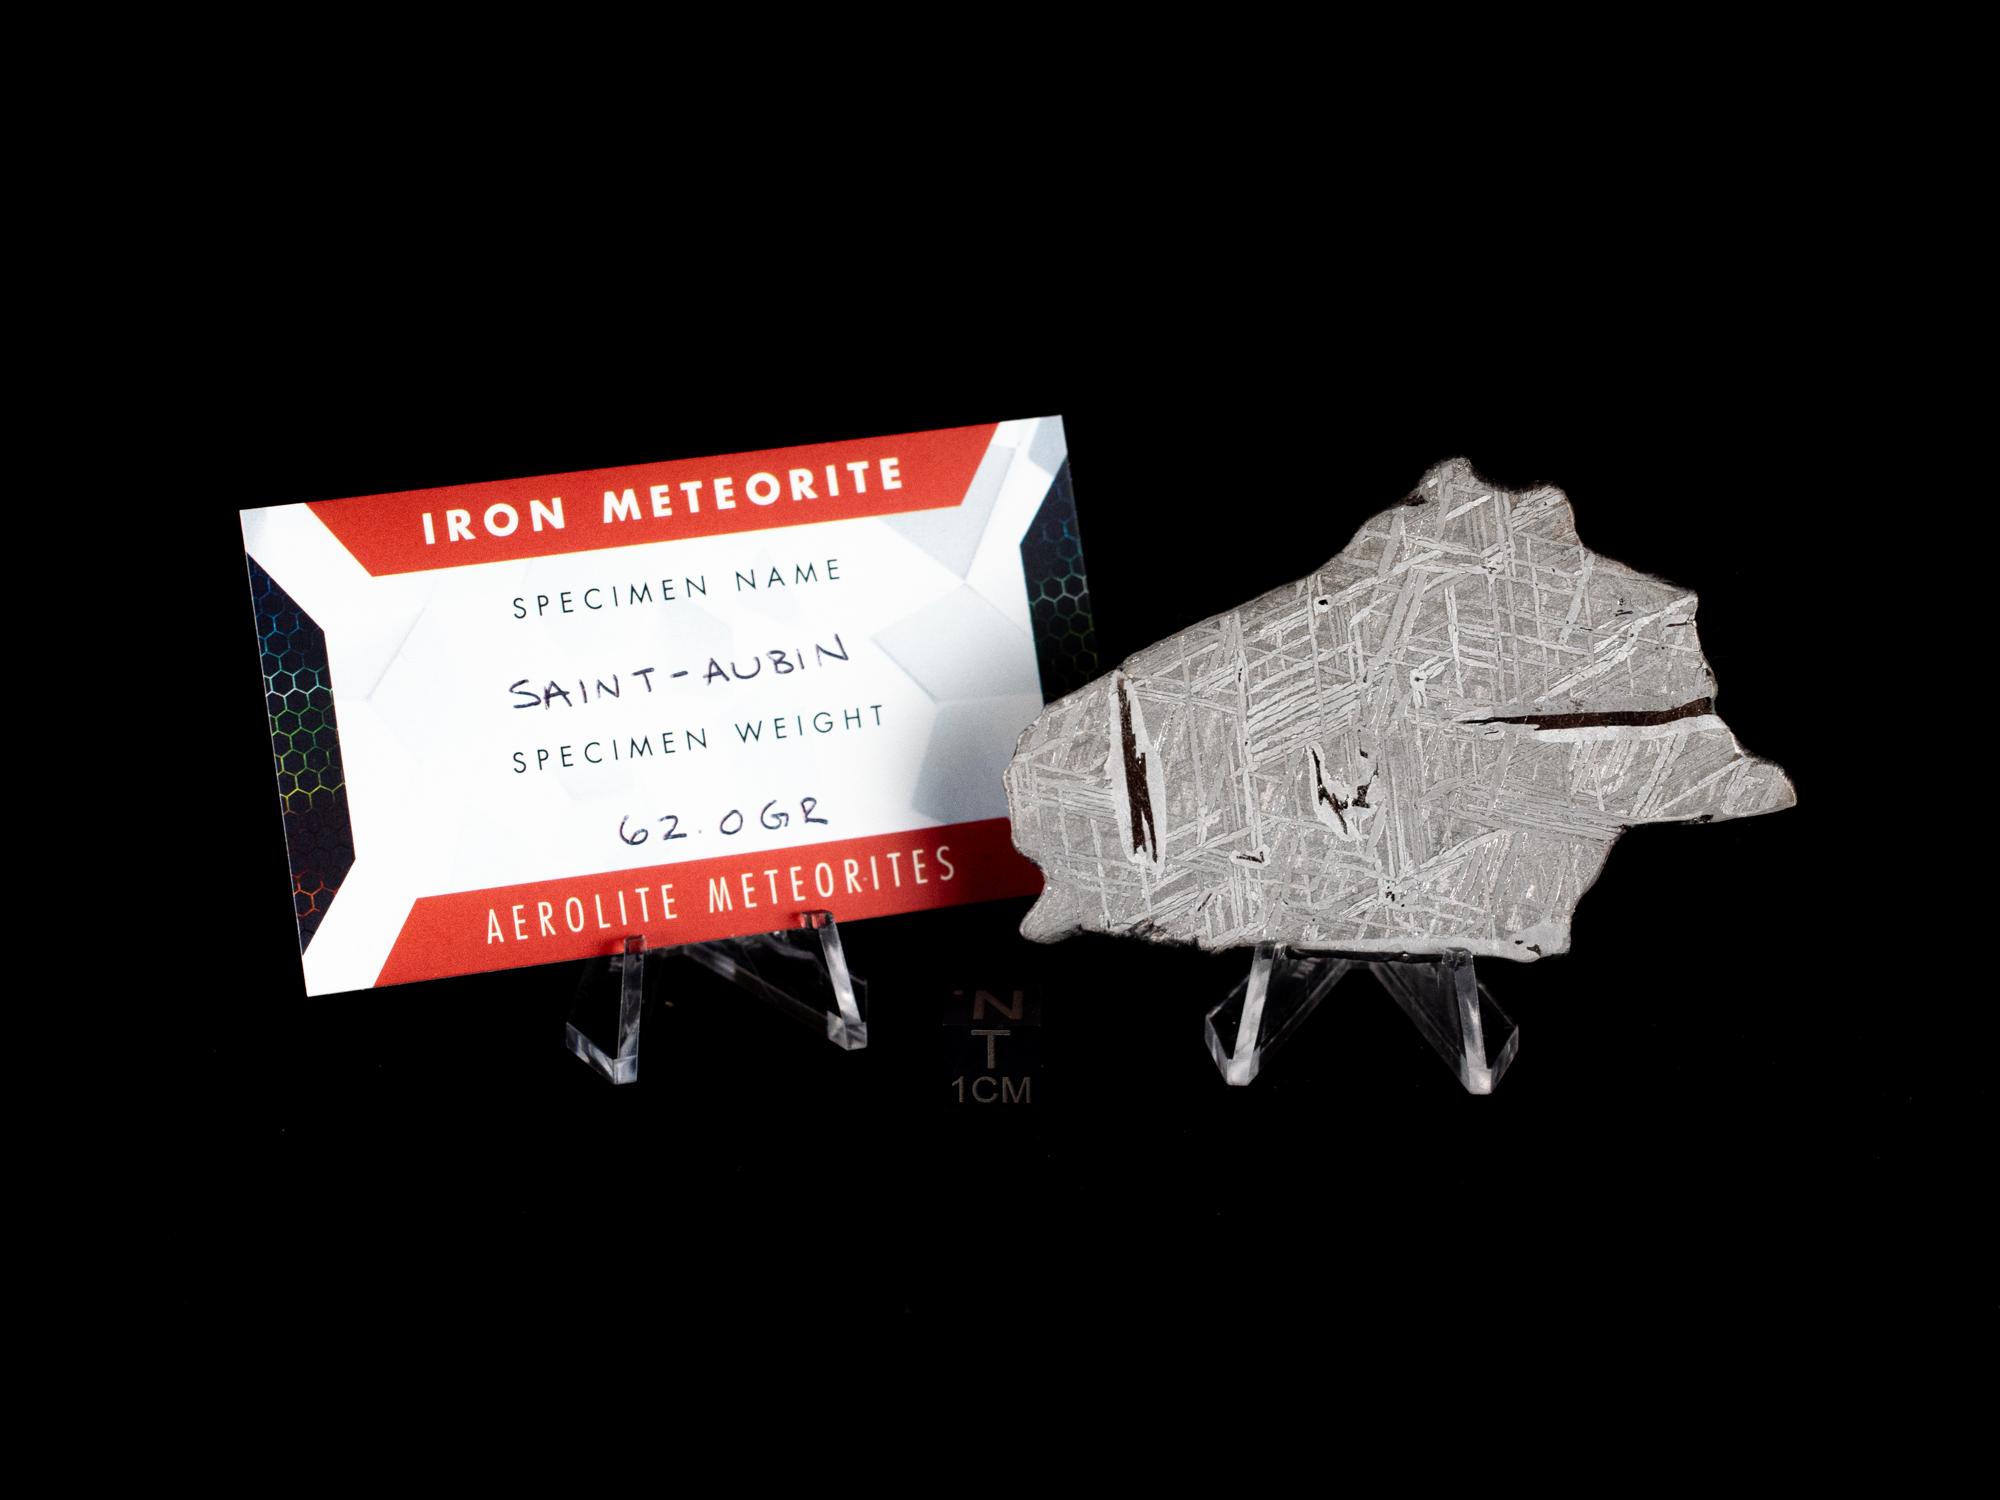 st aubin iron meteorite 62g